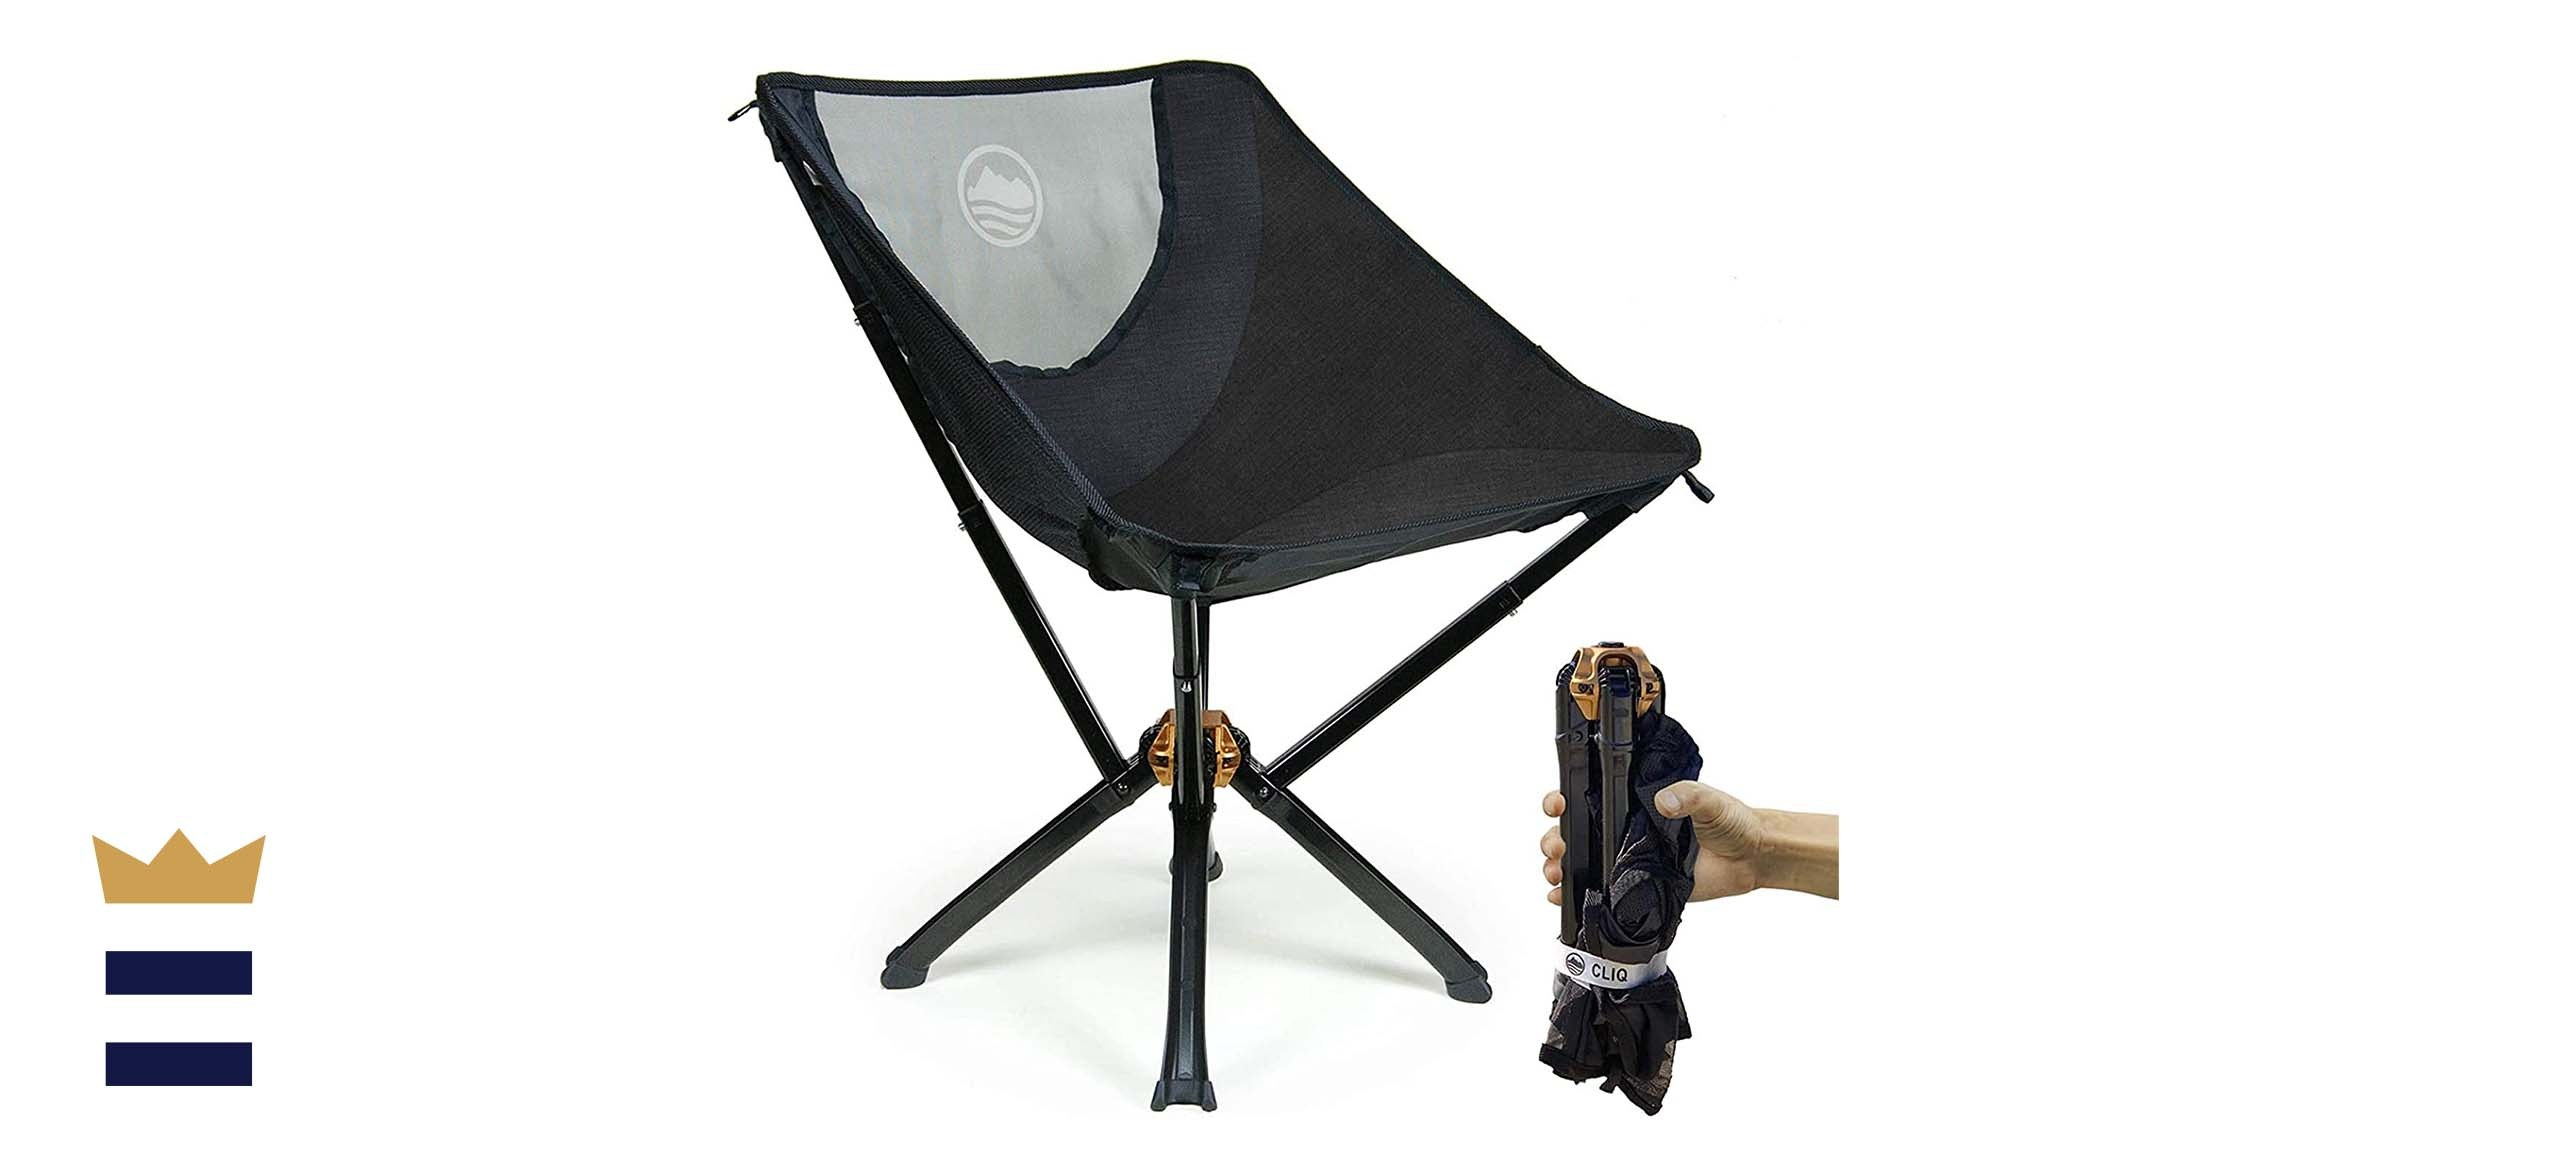 Cliq Camping Chair